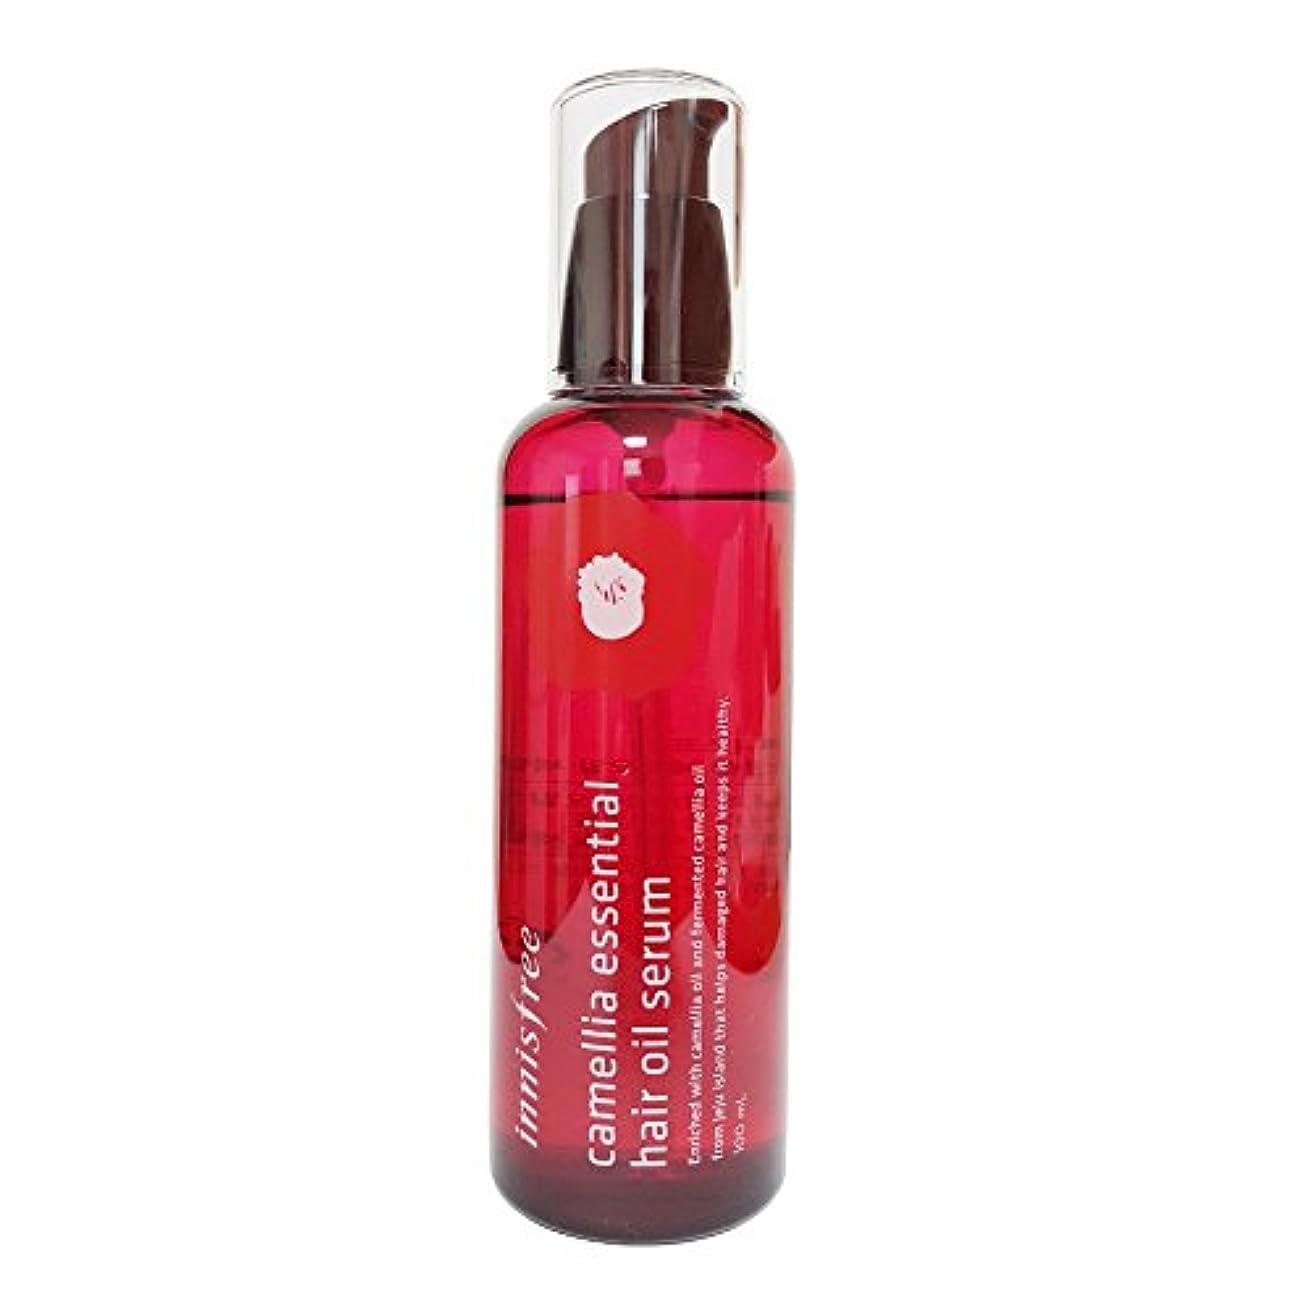 憂鬱ブーム環境に優しい[イニスフリー] Innisfree カメリアエッセンシャル?ヘア?オイルセラム (100ml) Innisfree Camellia Essential Hair Oil Serum (100ml) [海外直送品]